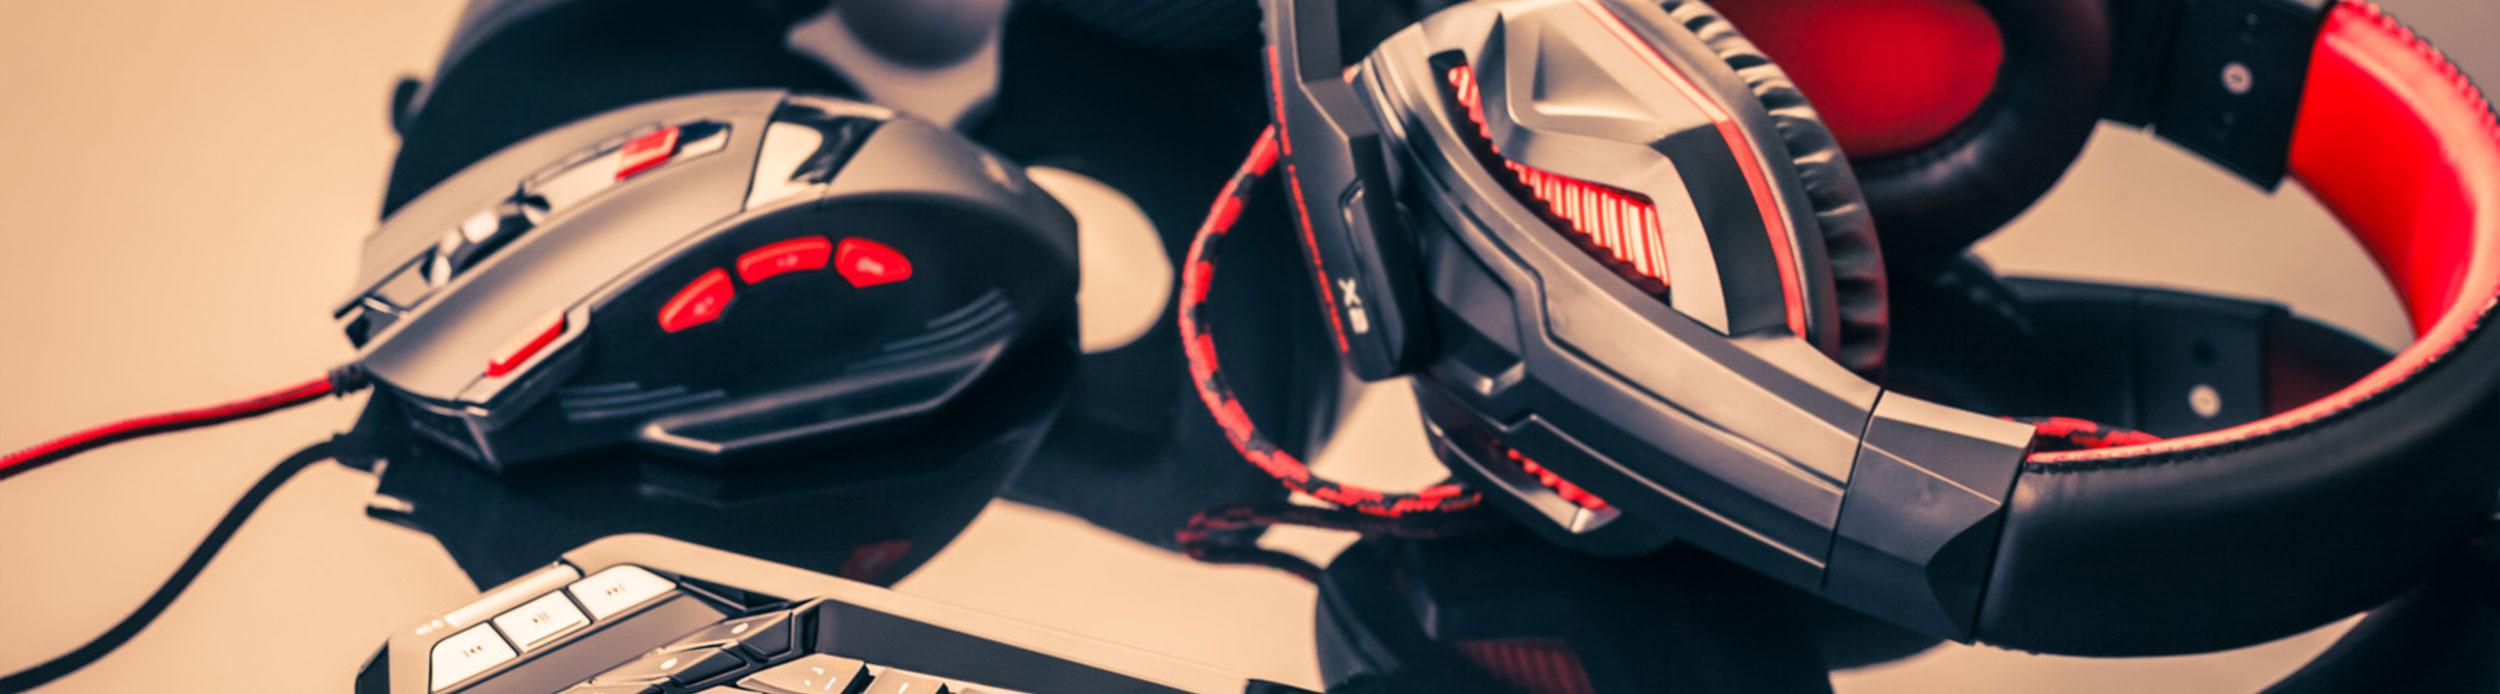 Gaming Maus: 13 Dinge, die Du wissen musst [Ratgeber 2020]